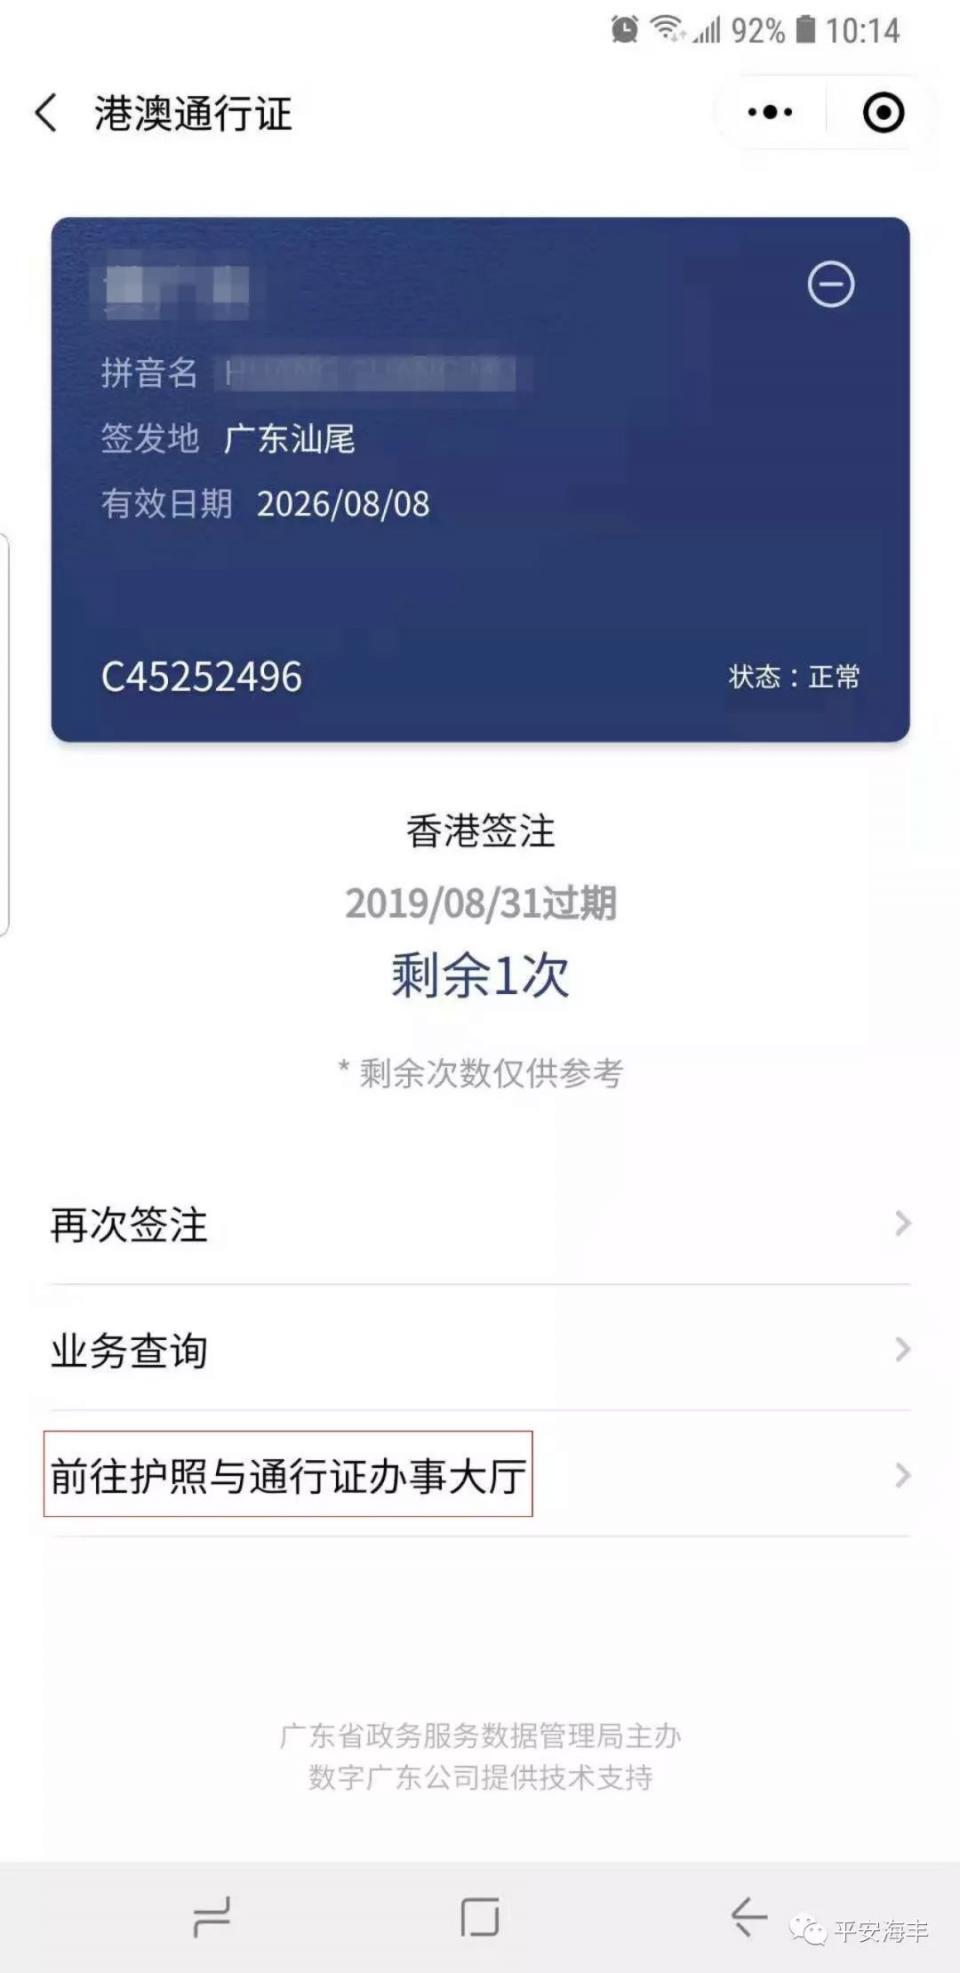 海豐縣公安局出入境將實施網上預約辦證業務 - 壹讀